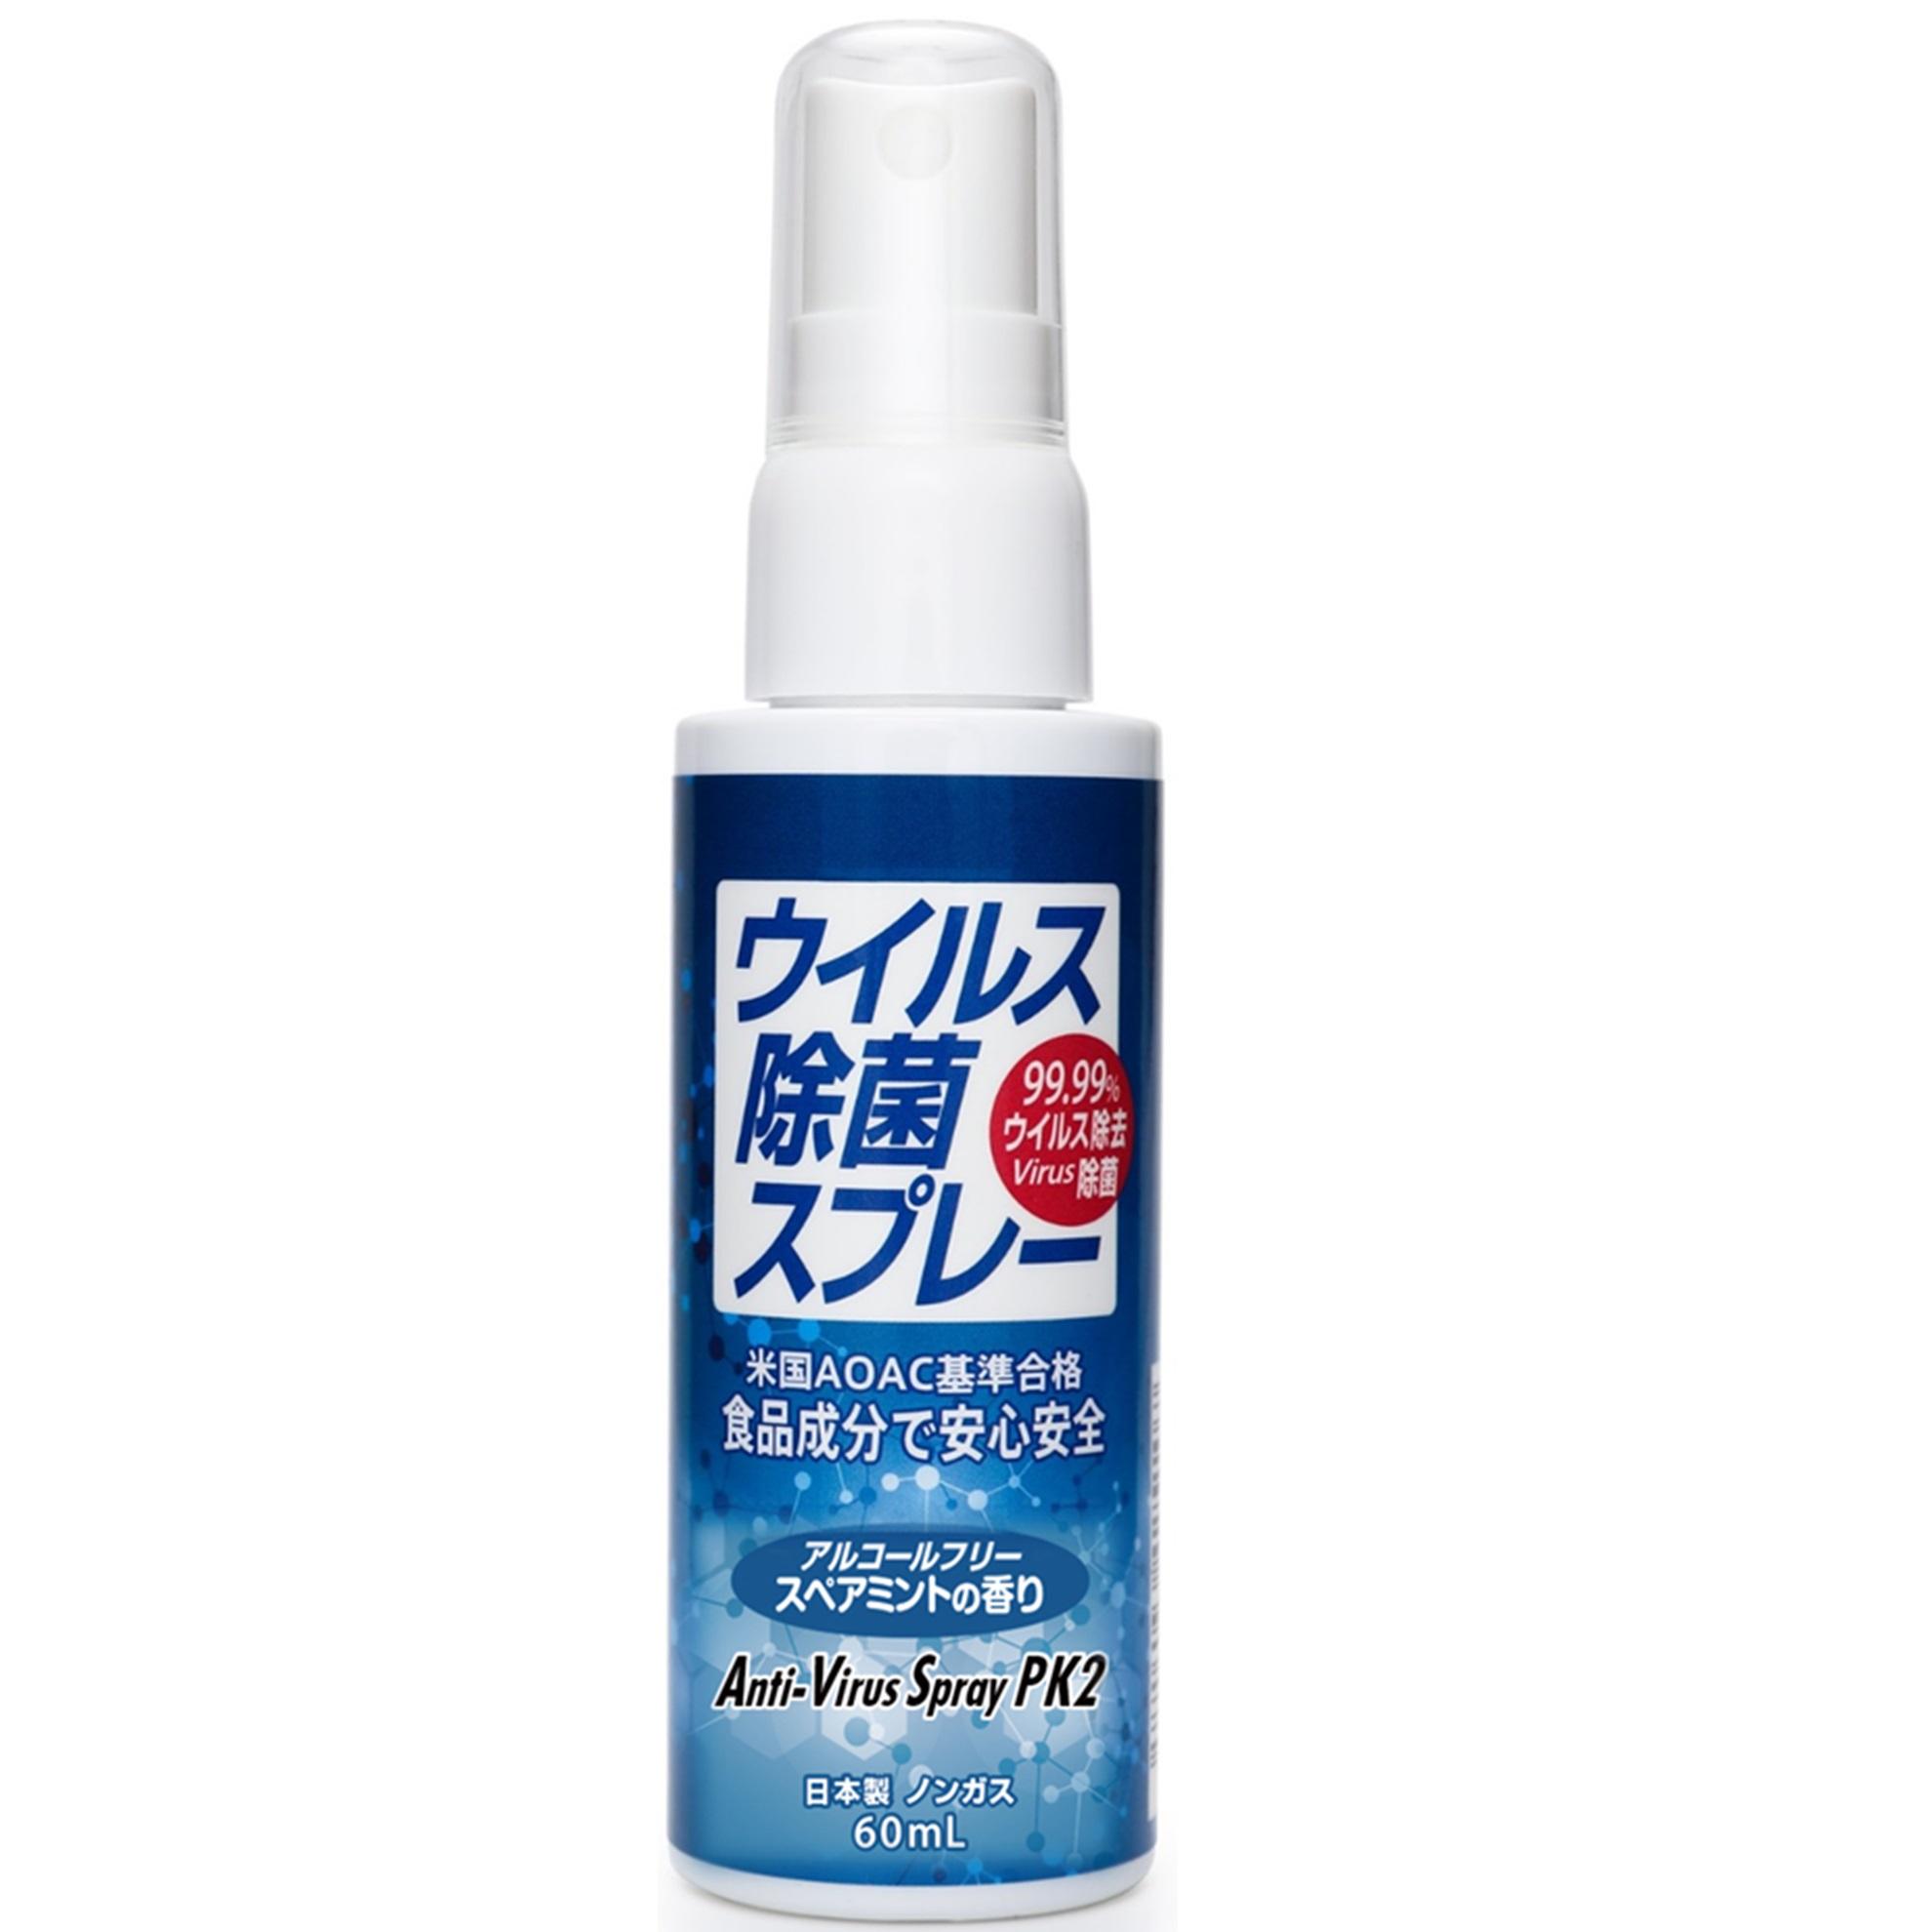 MAMEW 除菌喷雾PK2